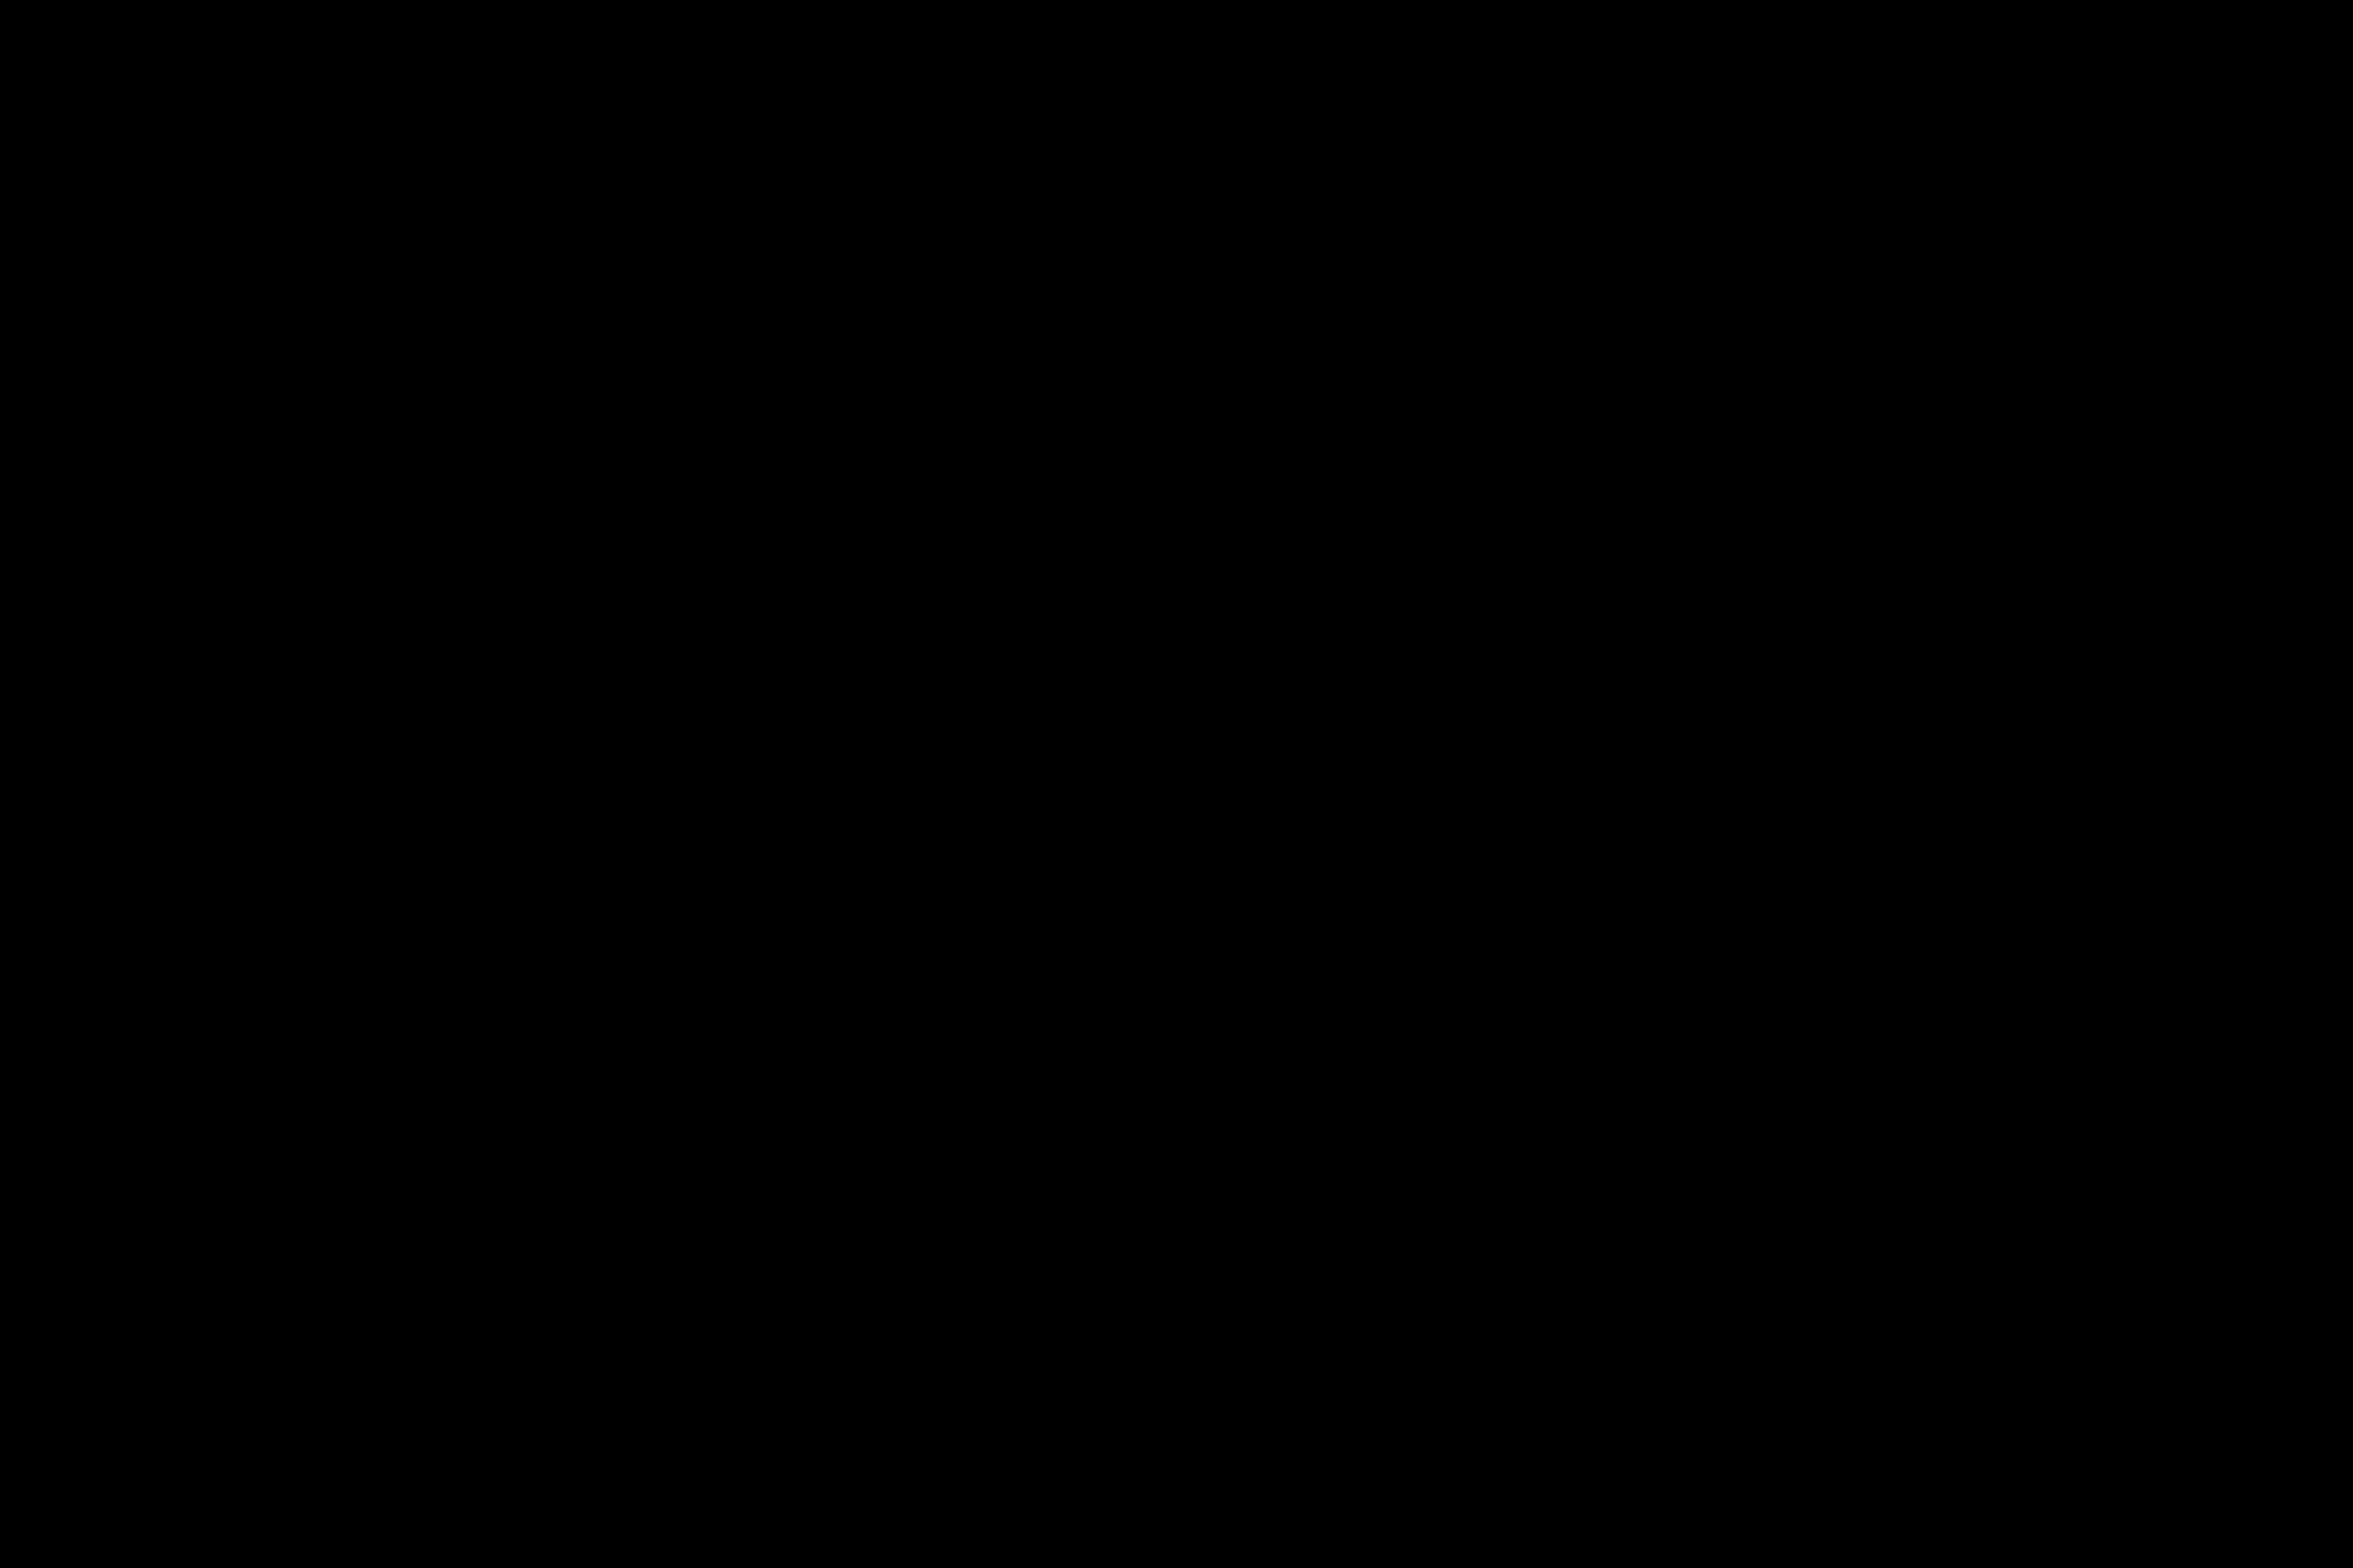 Duis pretium